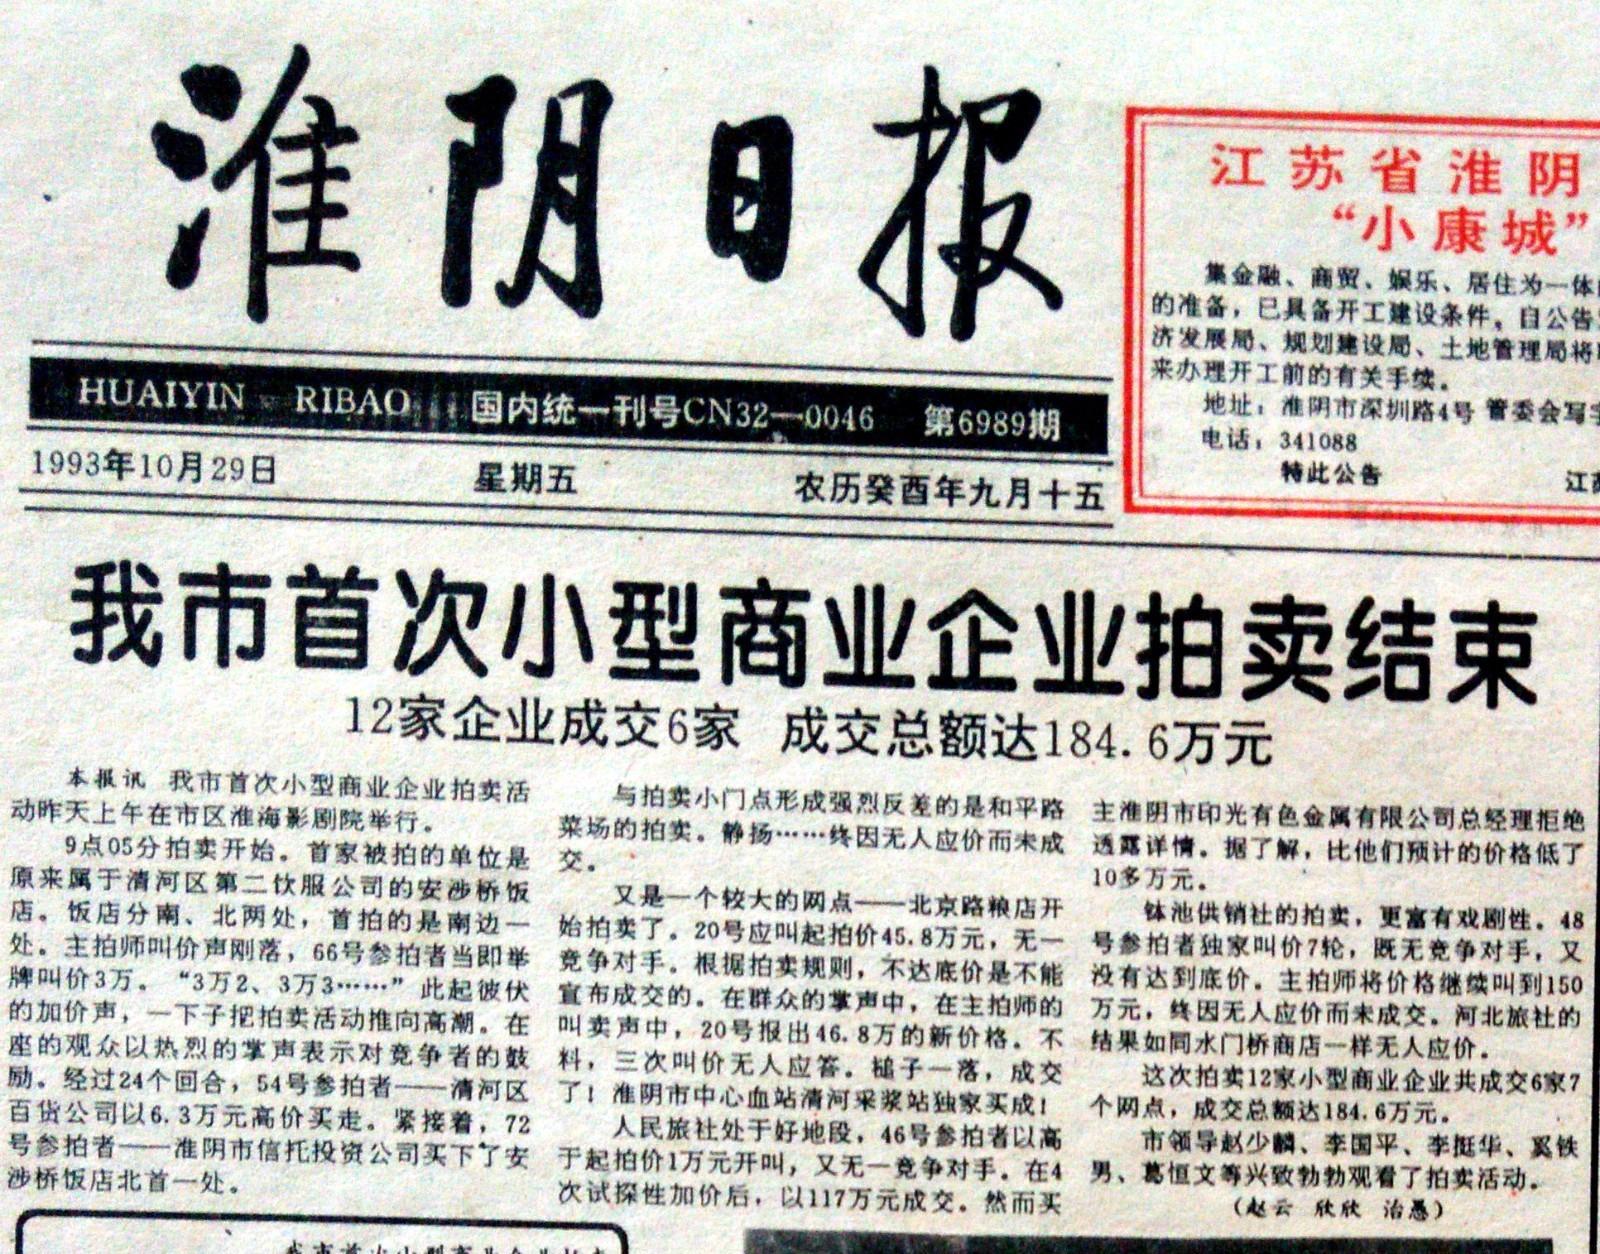 1993年10月29日《淮阴日报》的报道文章jpg_meitu_1.jpg